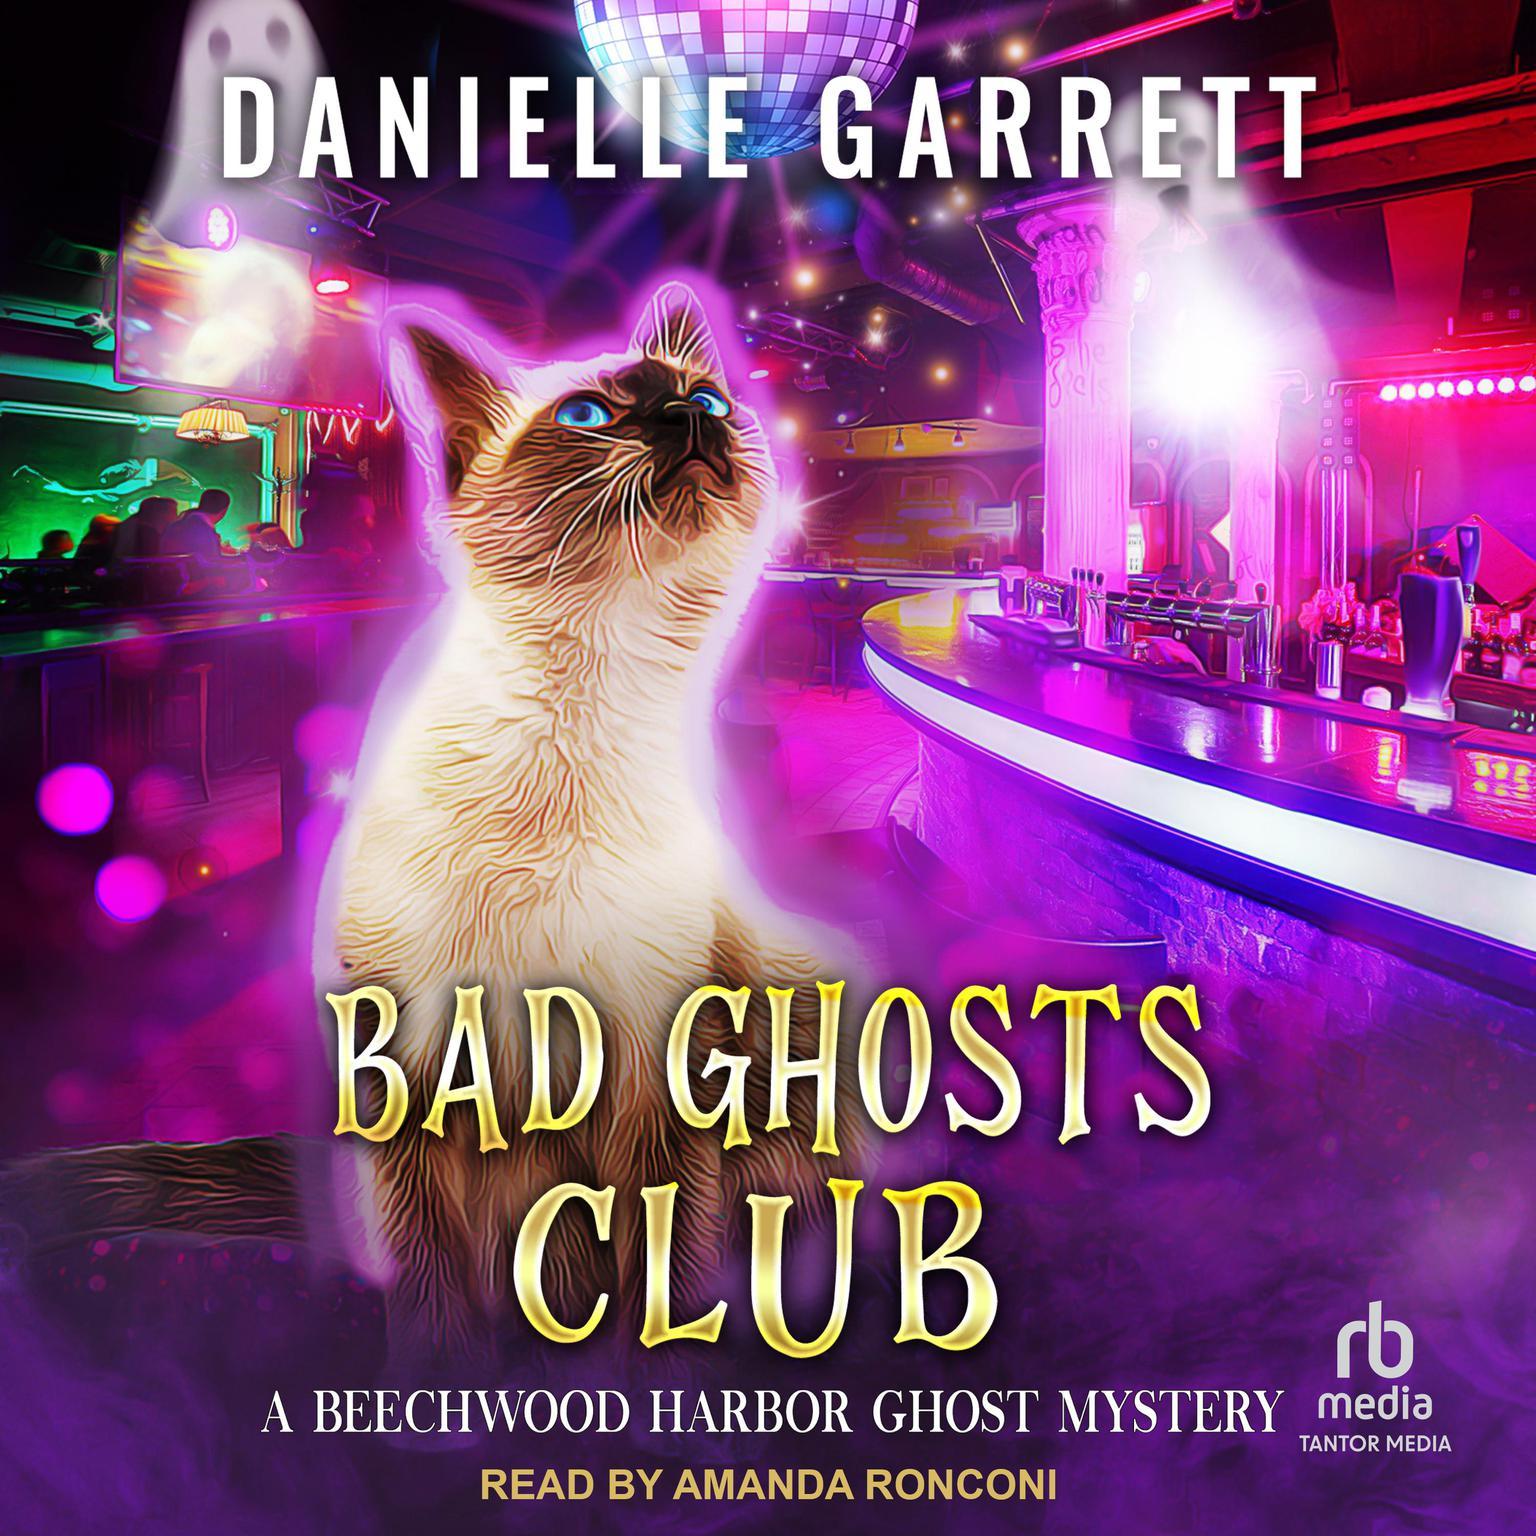 Bad Ghosts Club Audiobook, by Danielle Garrett